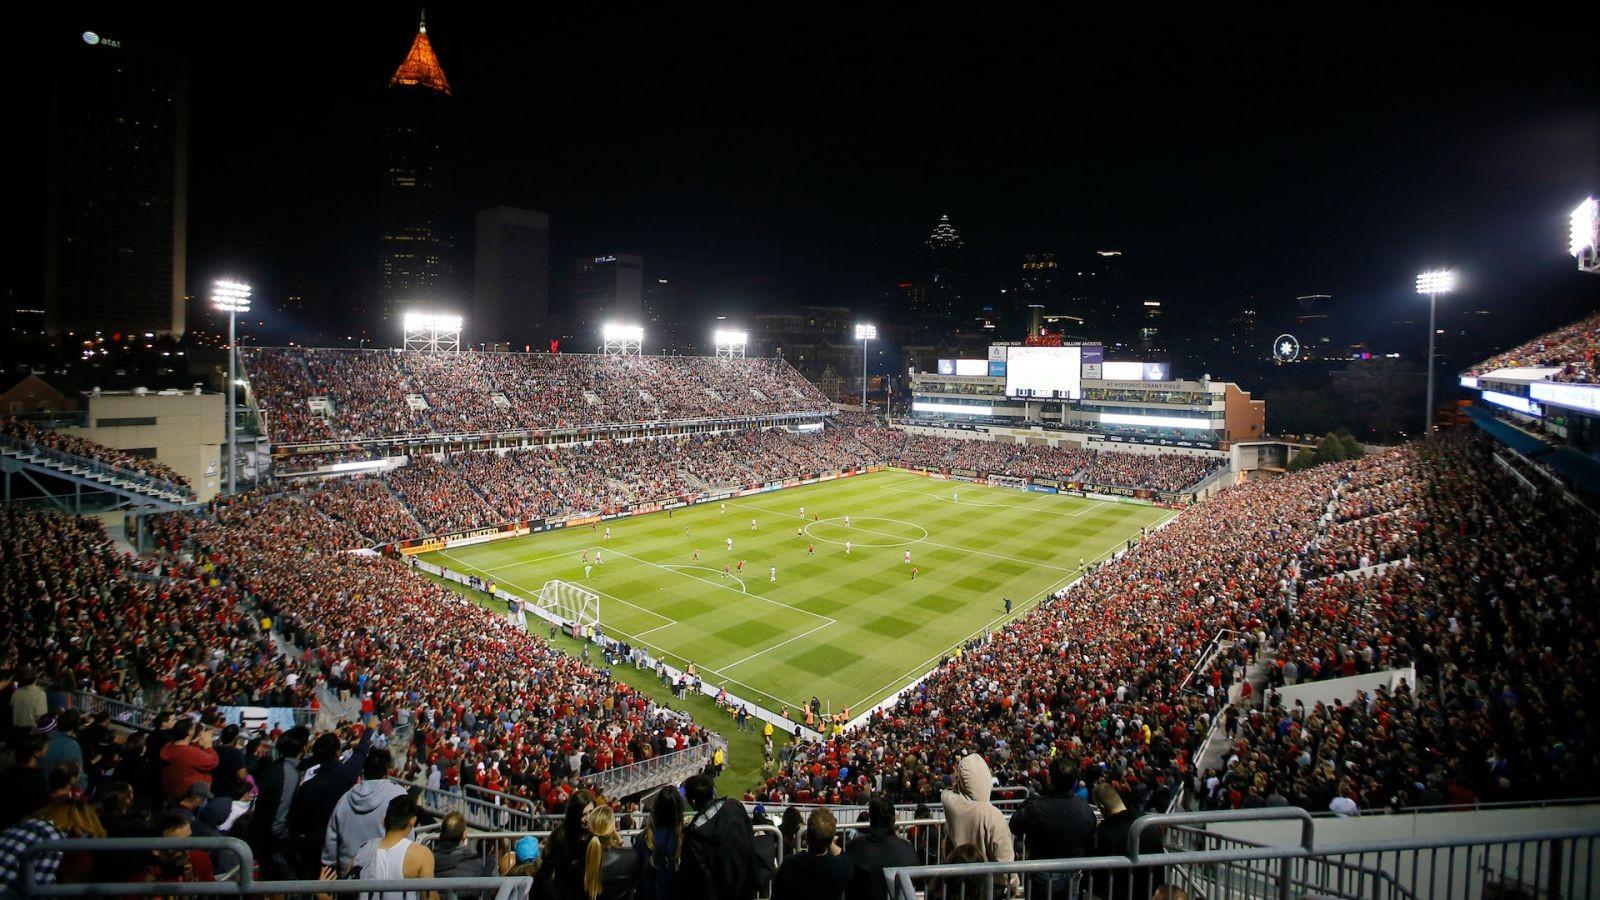 Матч «Атланта»— «Орландо» собрал 70 тыс. наблюдателей, побив рекорд посещаемости MLS